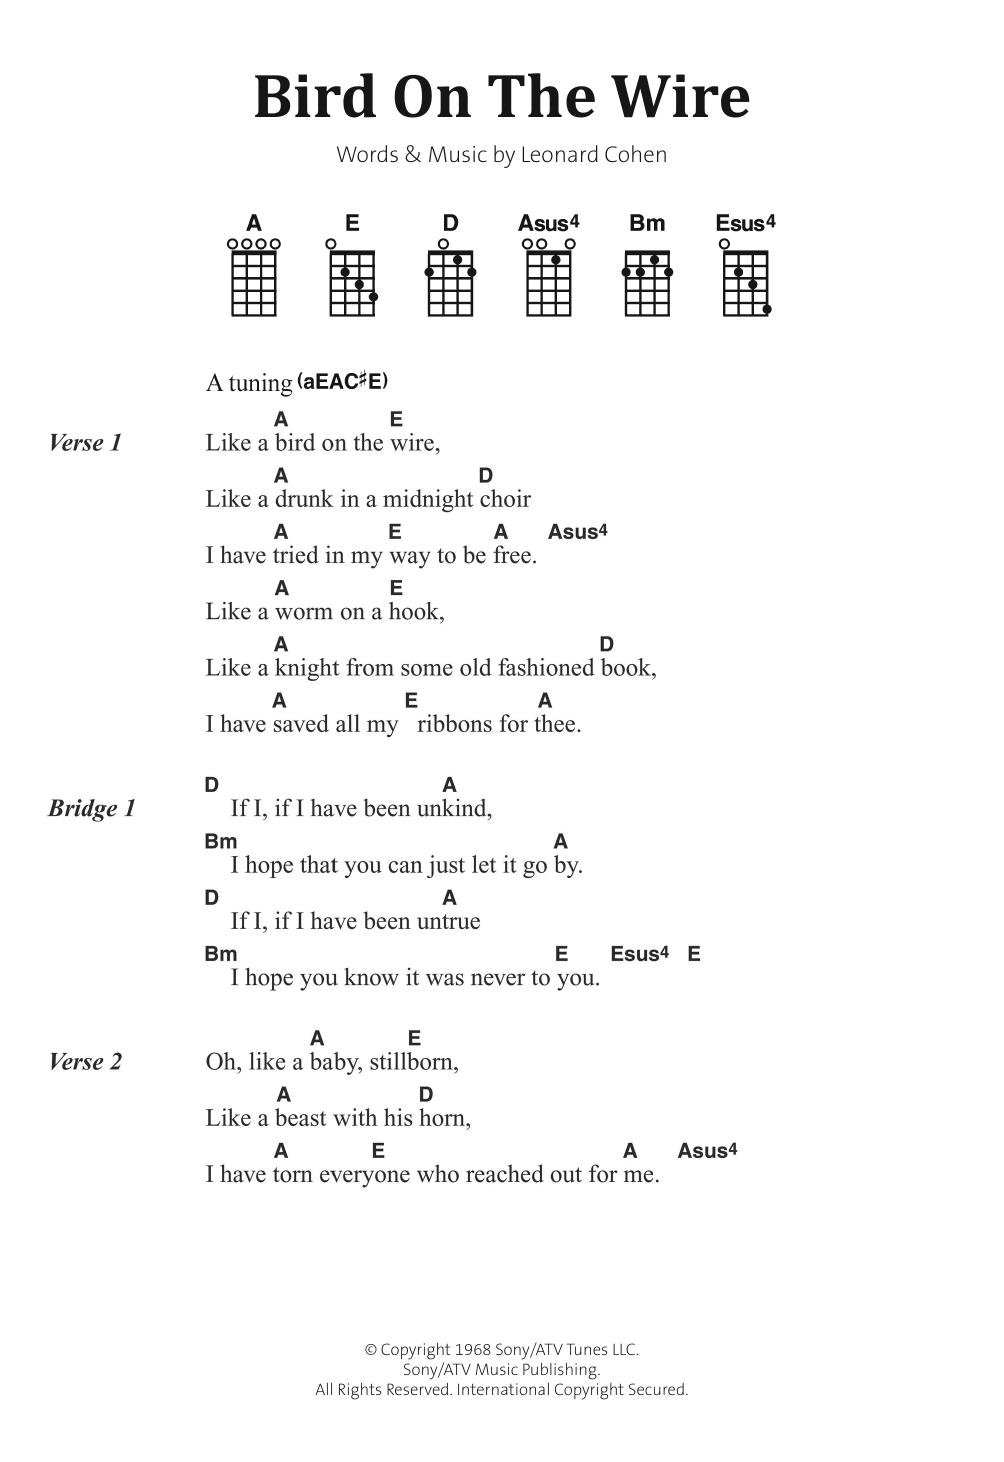 Leonard Cohen - Bird On The Wire (Bird On A Wire)